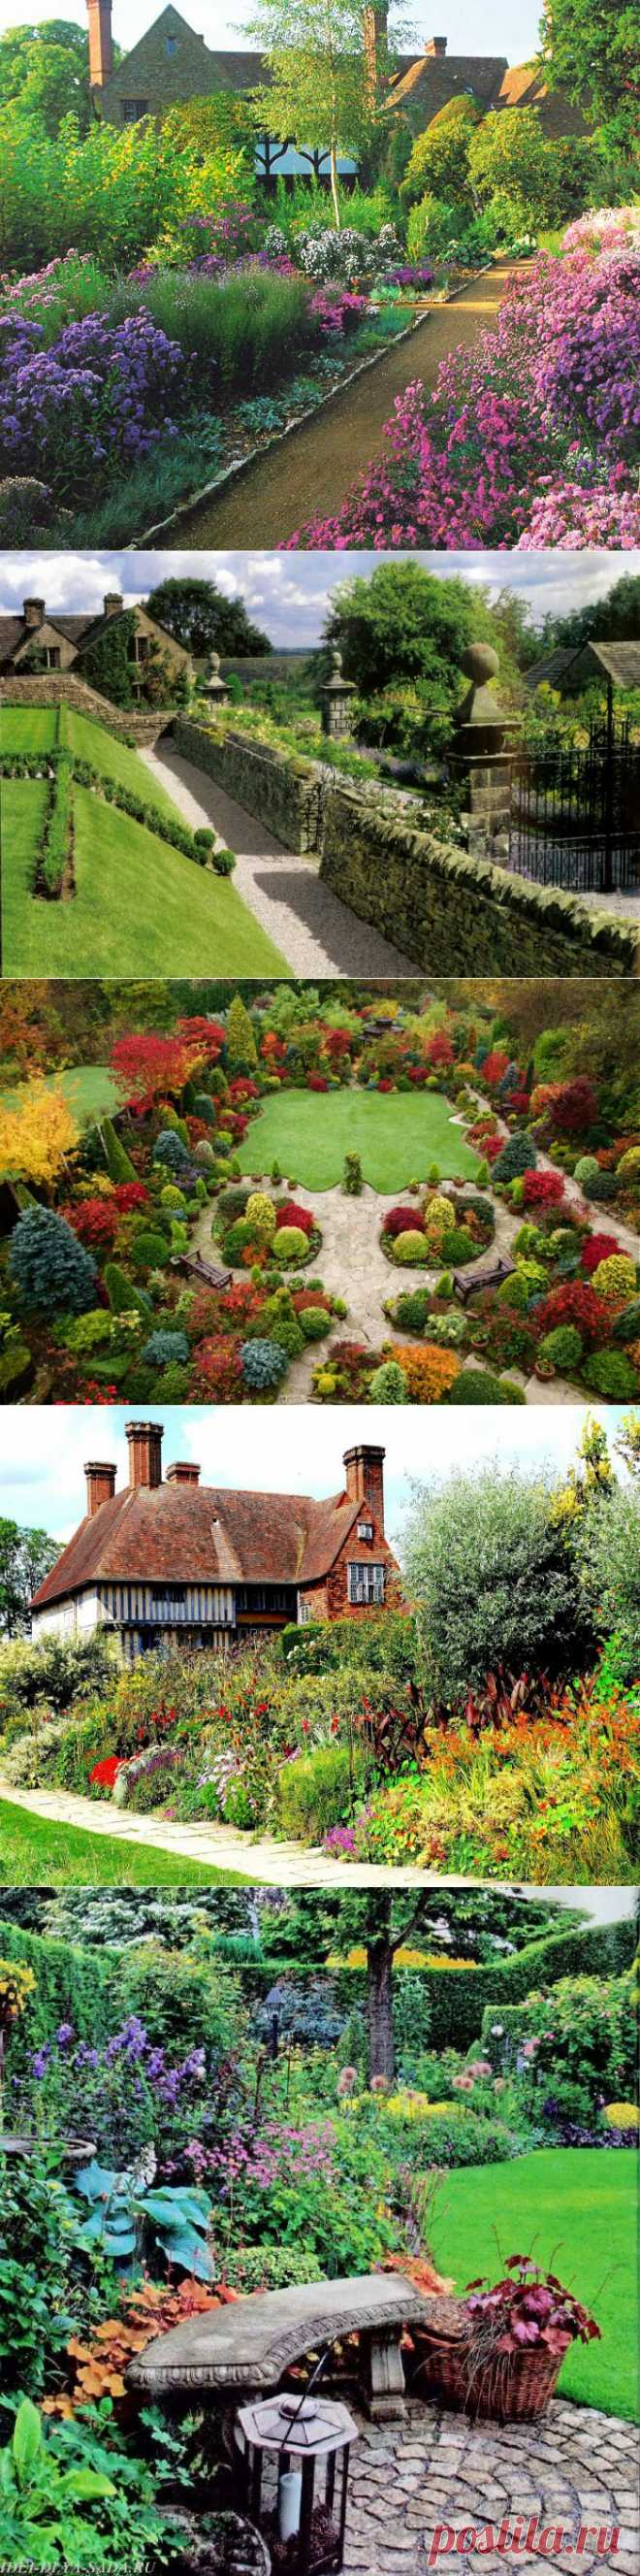 Национальные особенности садоводств. Английский сад. | МУЗА НАШЕГО ДВОРА